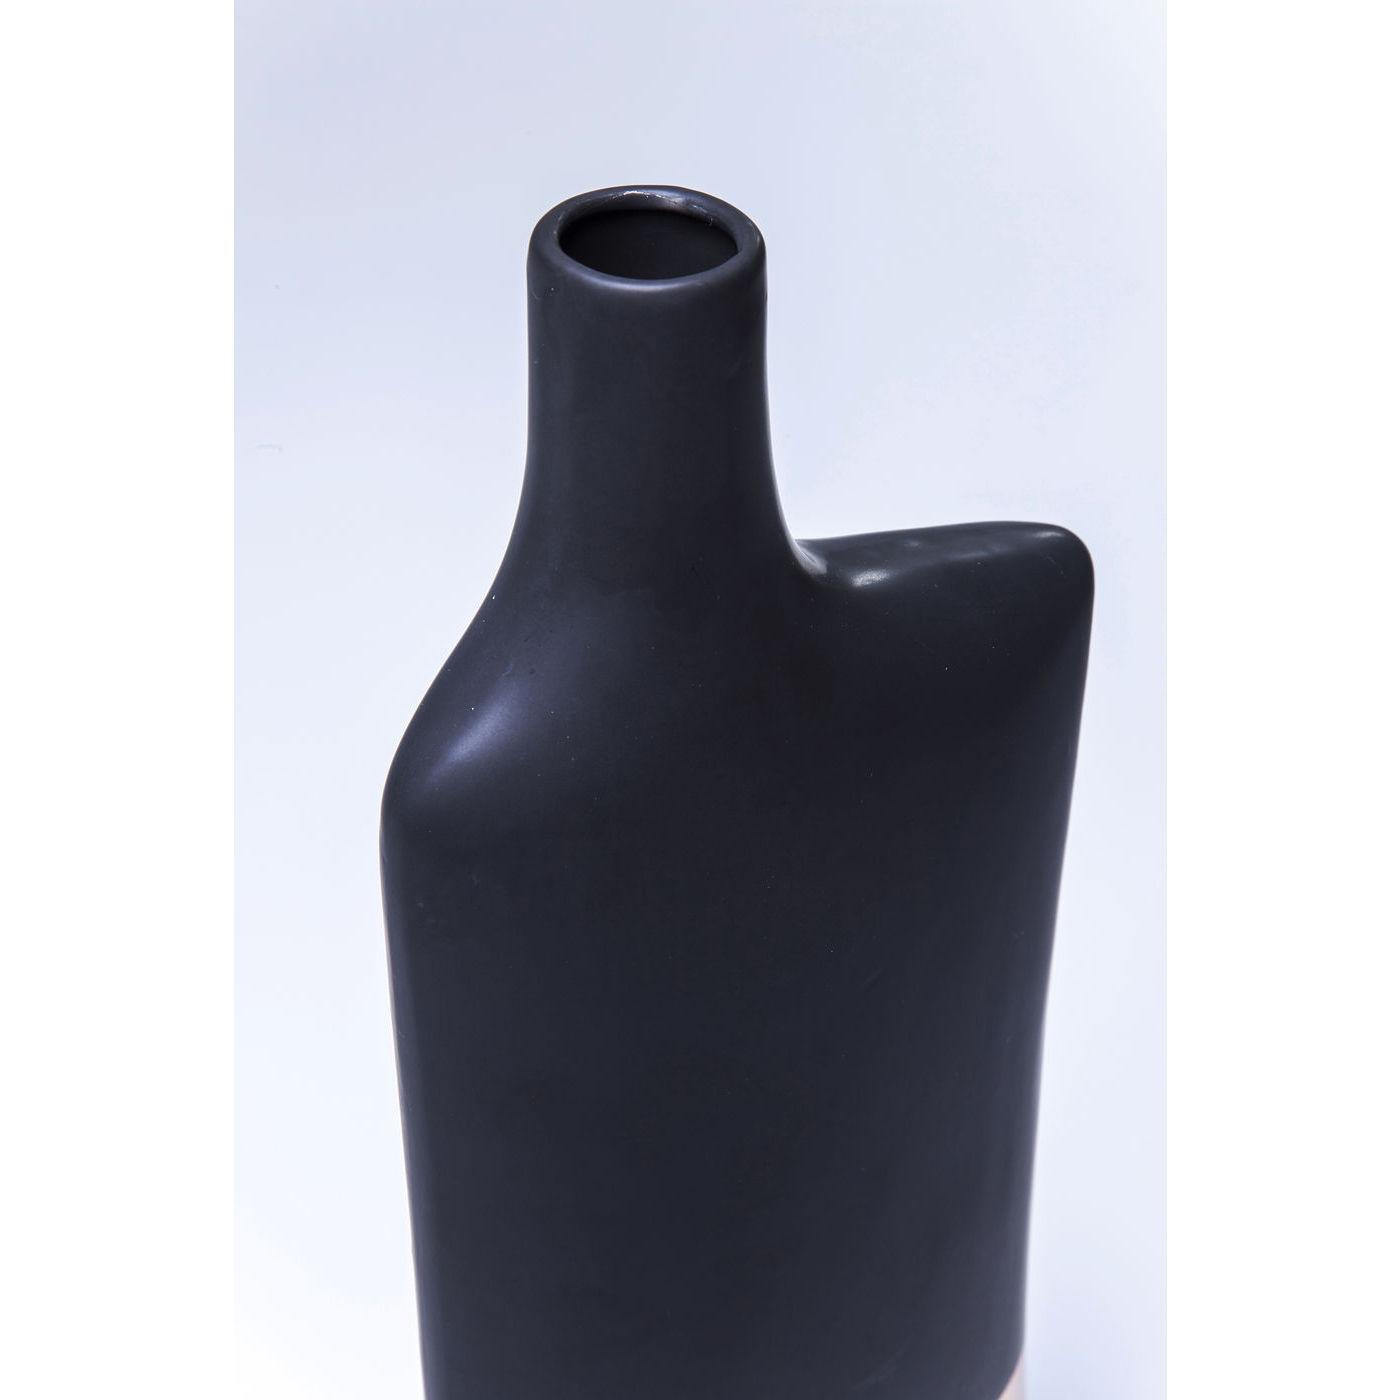 vase deko dekovase blumenvase steinzeug largo asymetric 36cm schwarz gold neu ebay. Black Bedroom Furniture Sets. Home Design Ideas